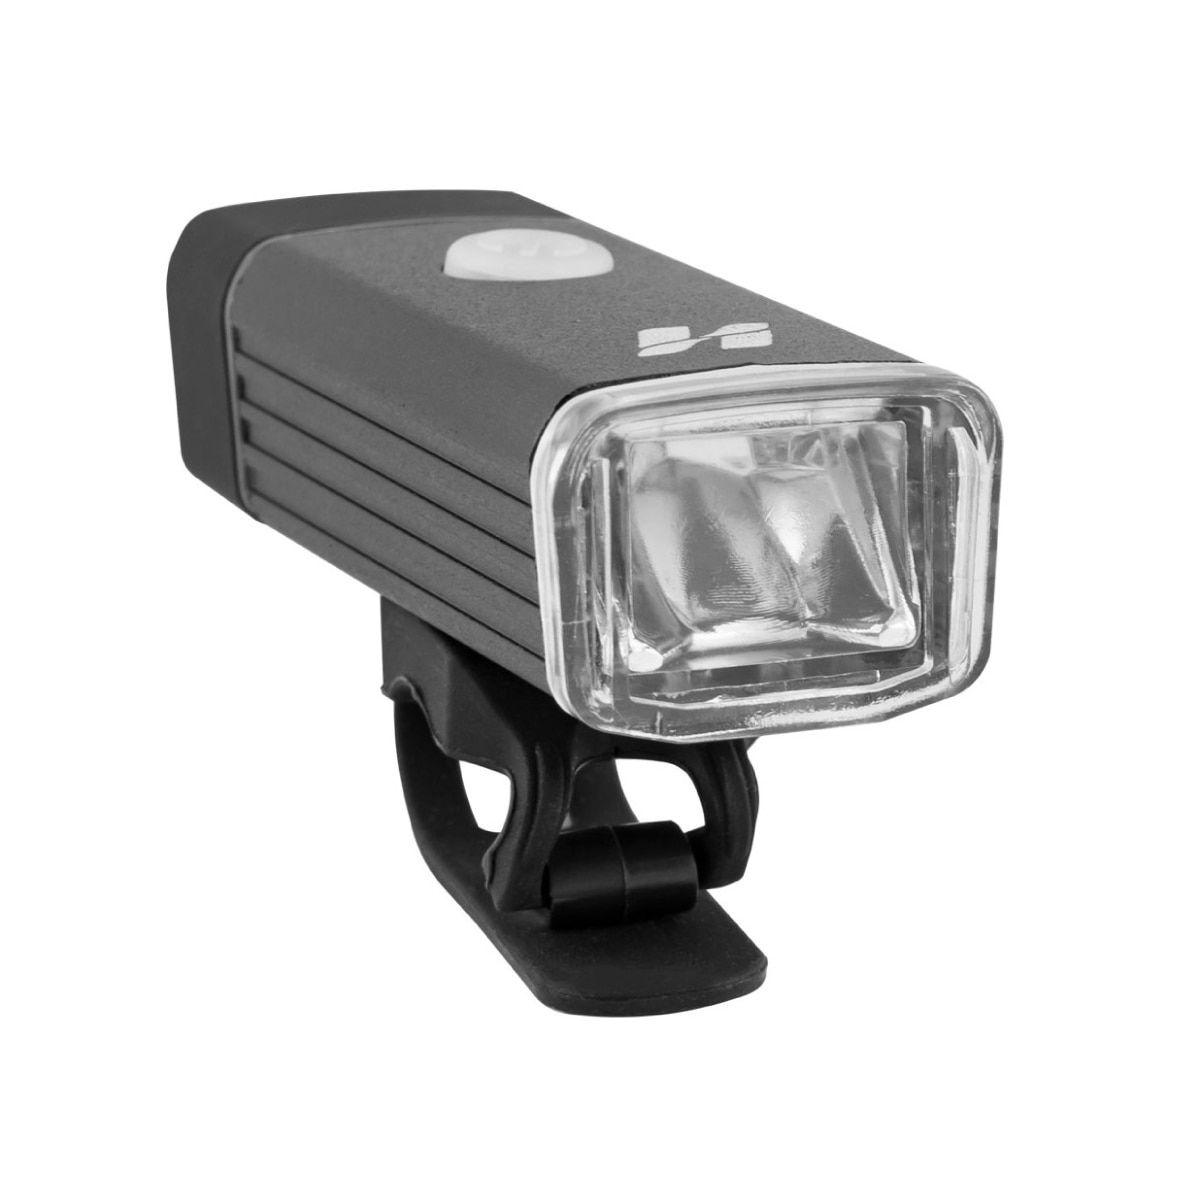 Farol Recarregável High One USB 180 Lumens